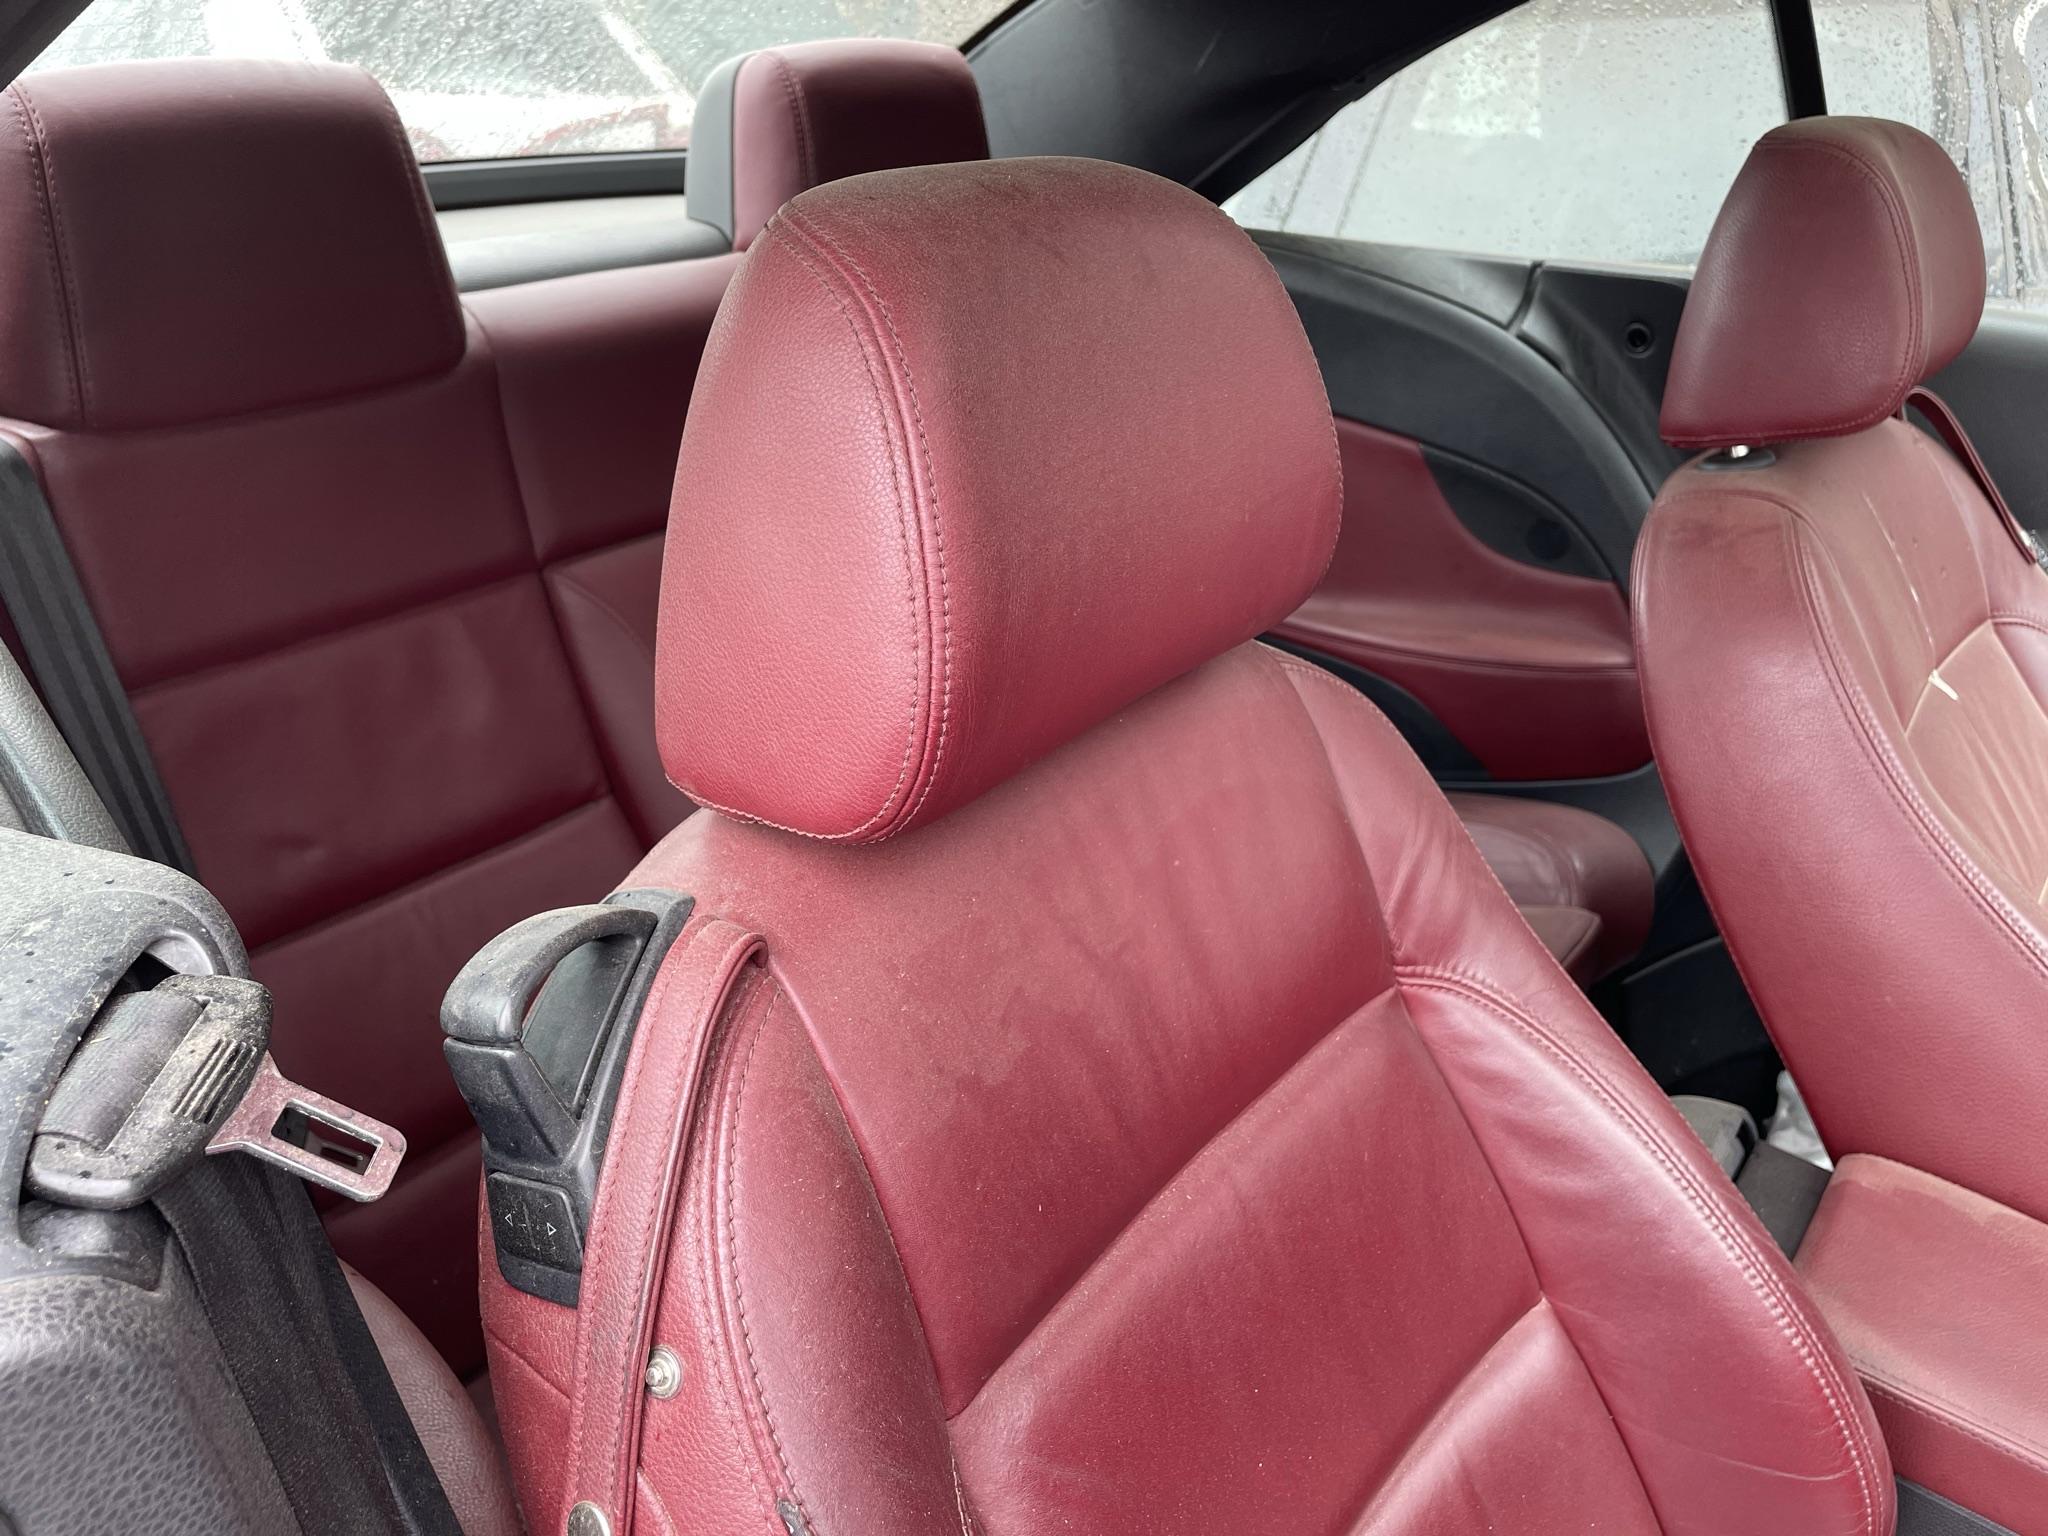 VW Eos 2007